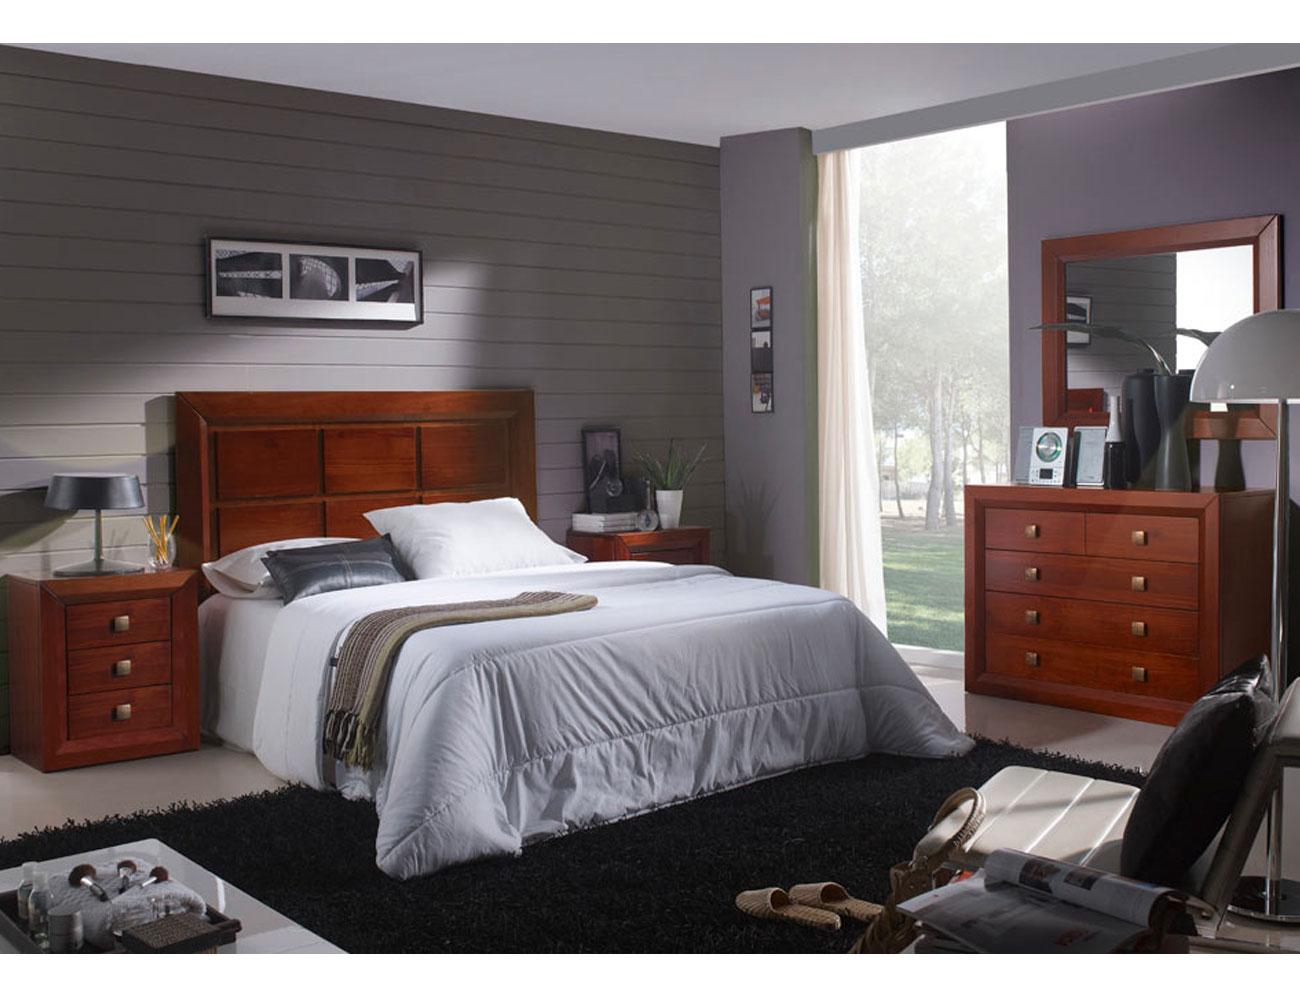 Muebles de sal n comedor color nogal en madera dm con for Muebles salon color nogal